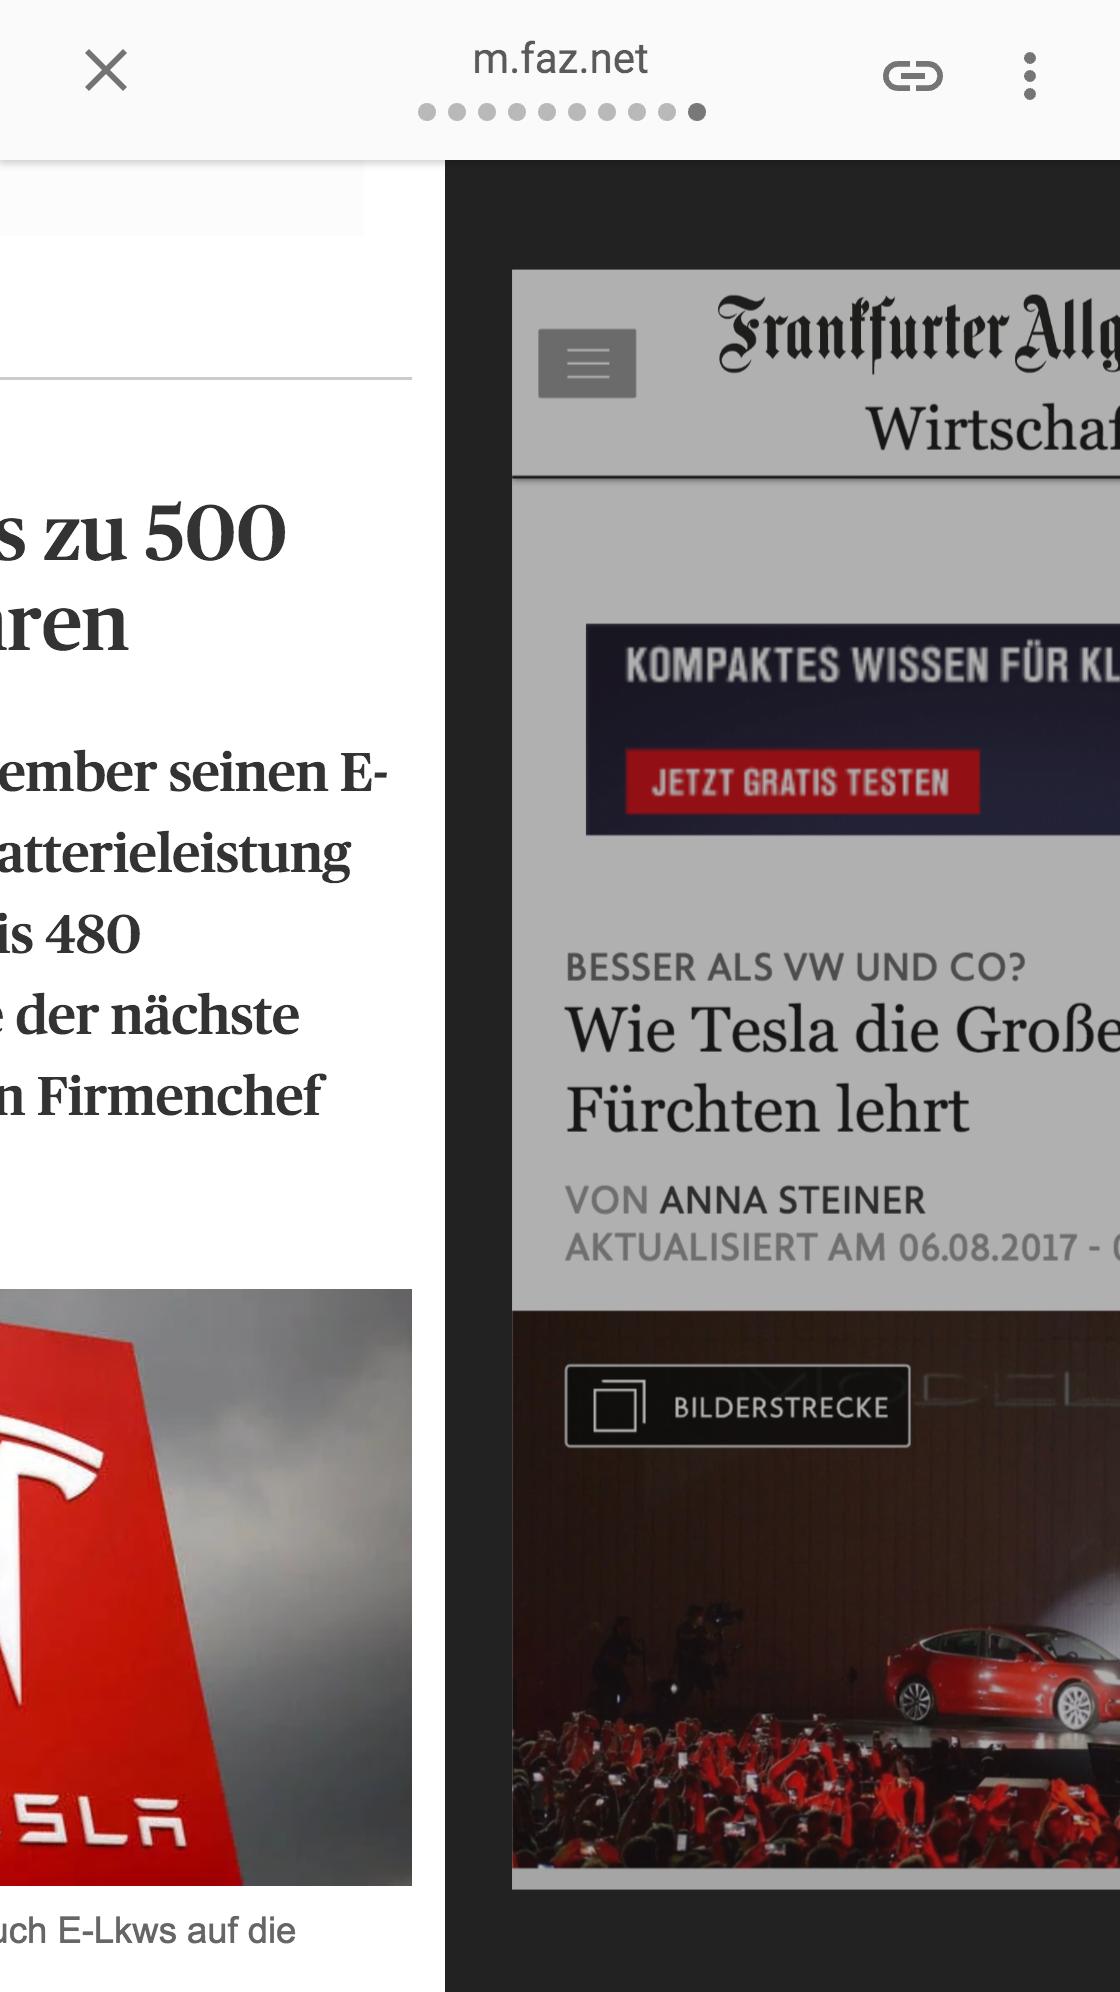 Uso mobile del diario alemán Frankfurter Allgemein donde solo se necesita pasar un dedo por la pantalla para pasar al siguiente artículo.